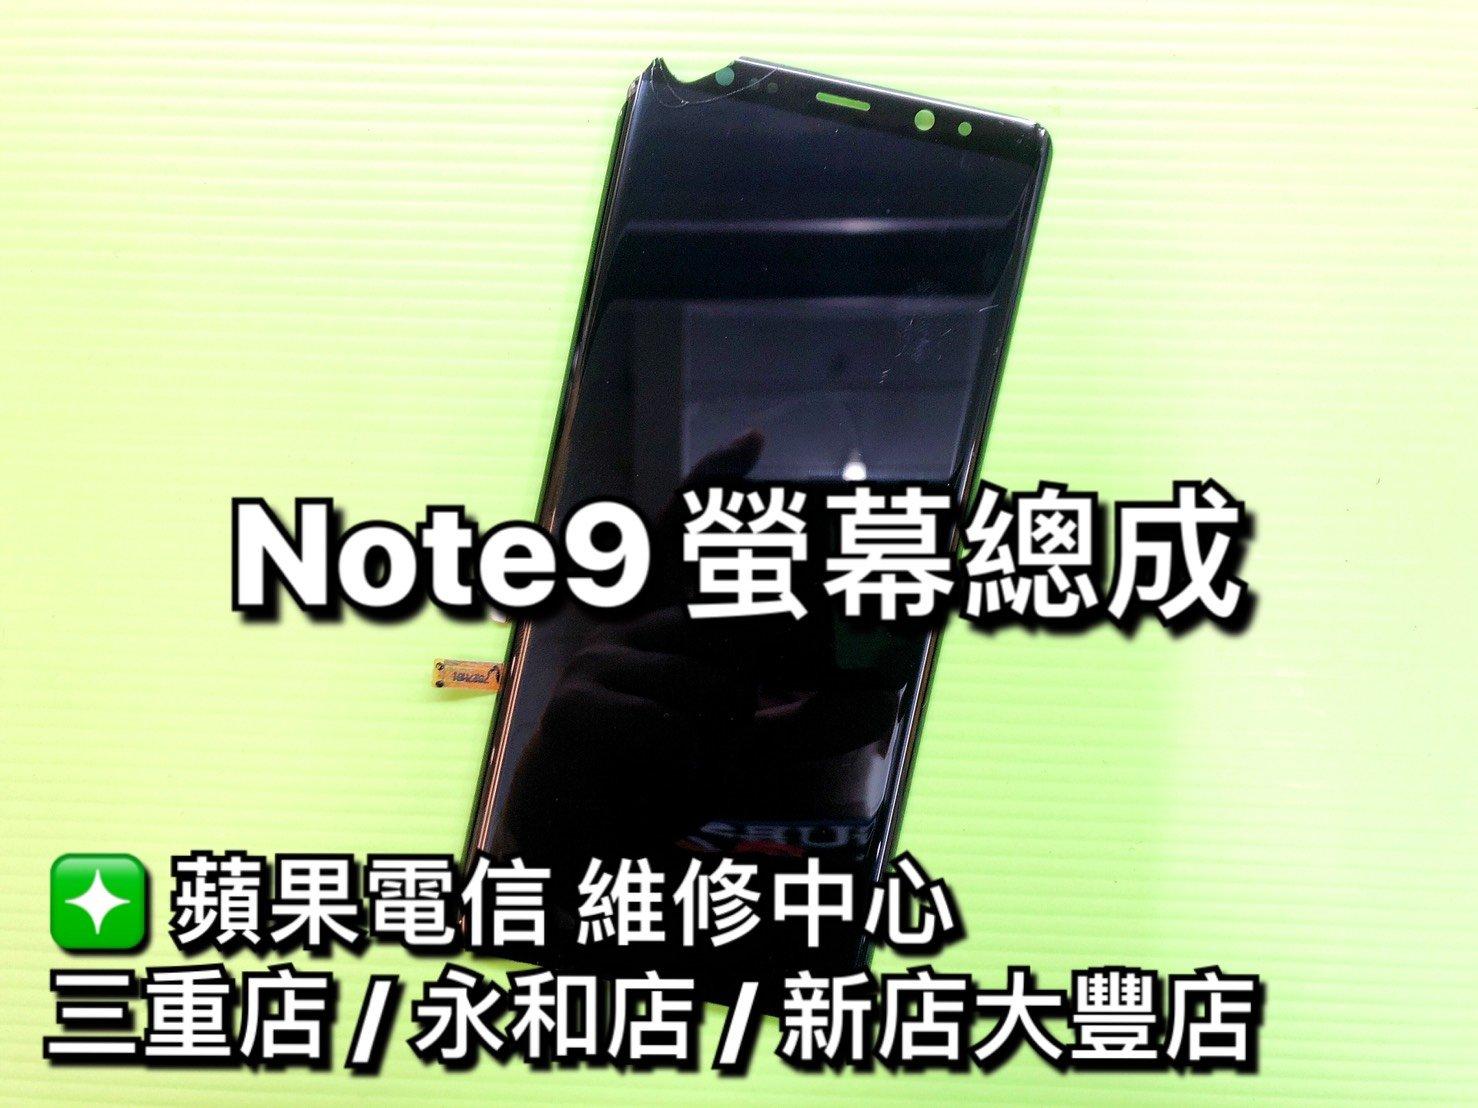 三重/永和【蘋果電信】三星 Note9 液晶螢幕總成 觸控面板破裂 玻璃 LCD維修 綠屏維修